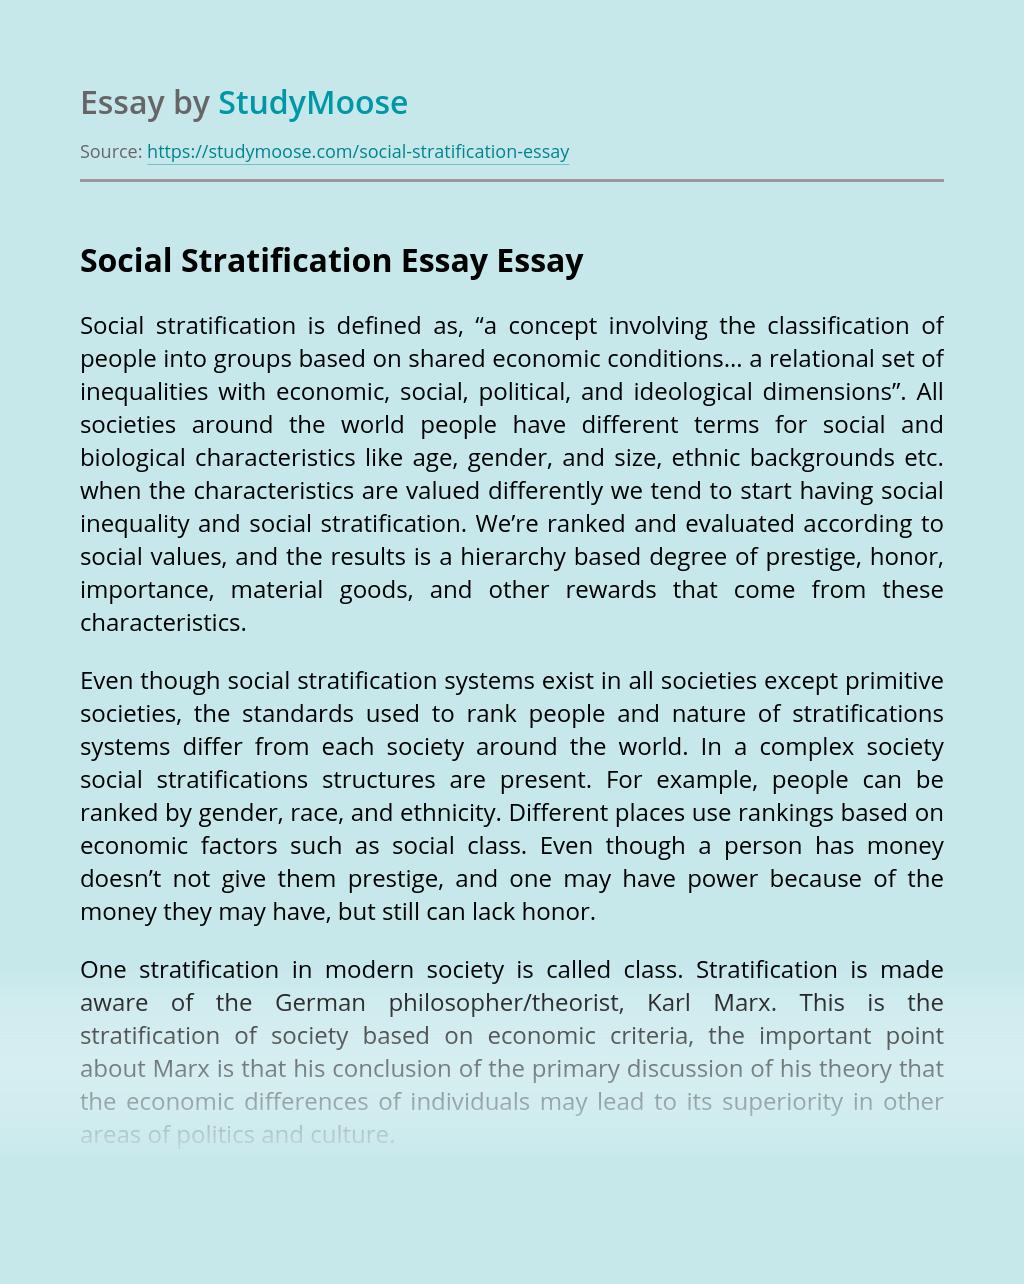 Social Stratification Essay